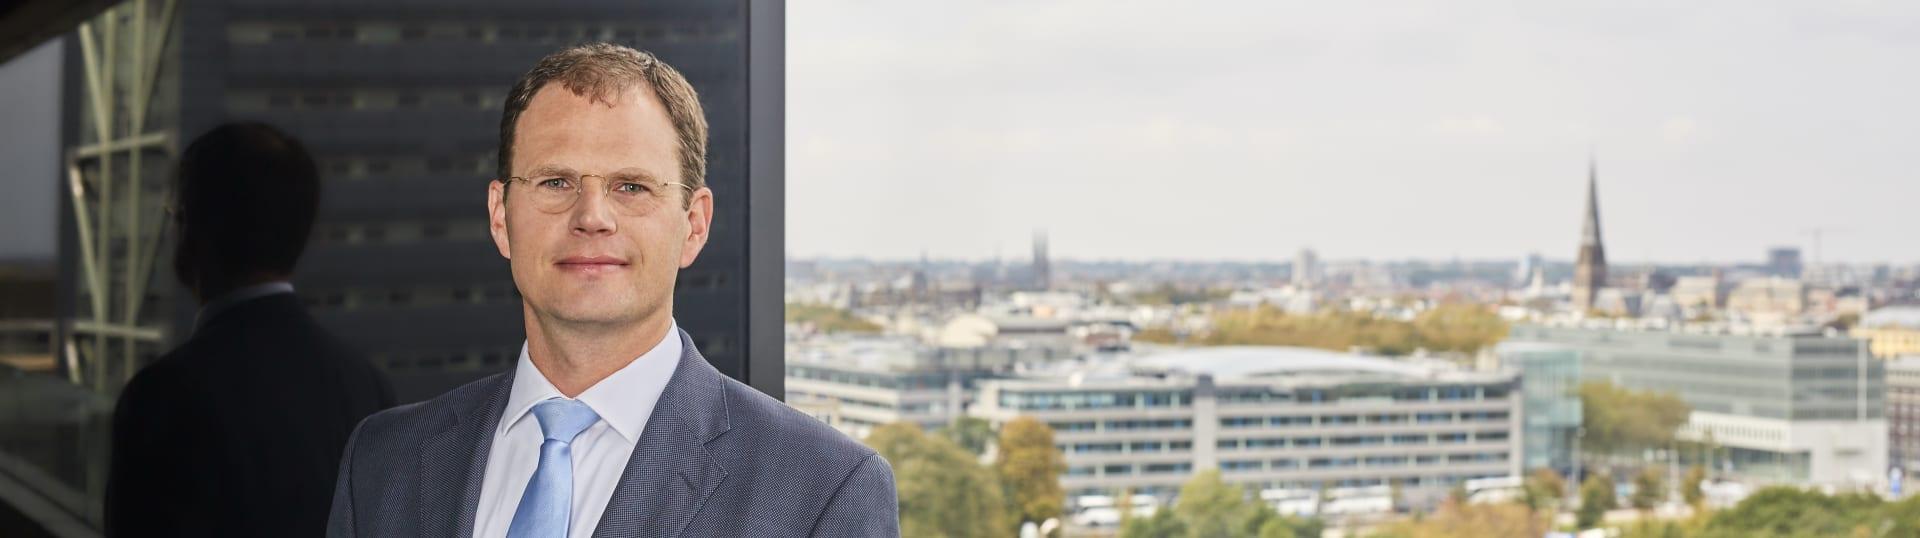 Ewoud de Vries, advocaat Pels Rijcken